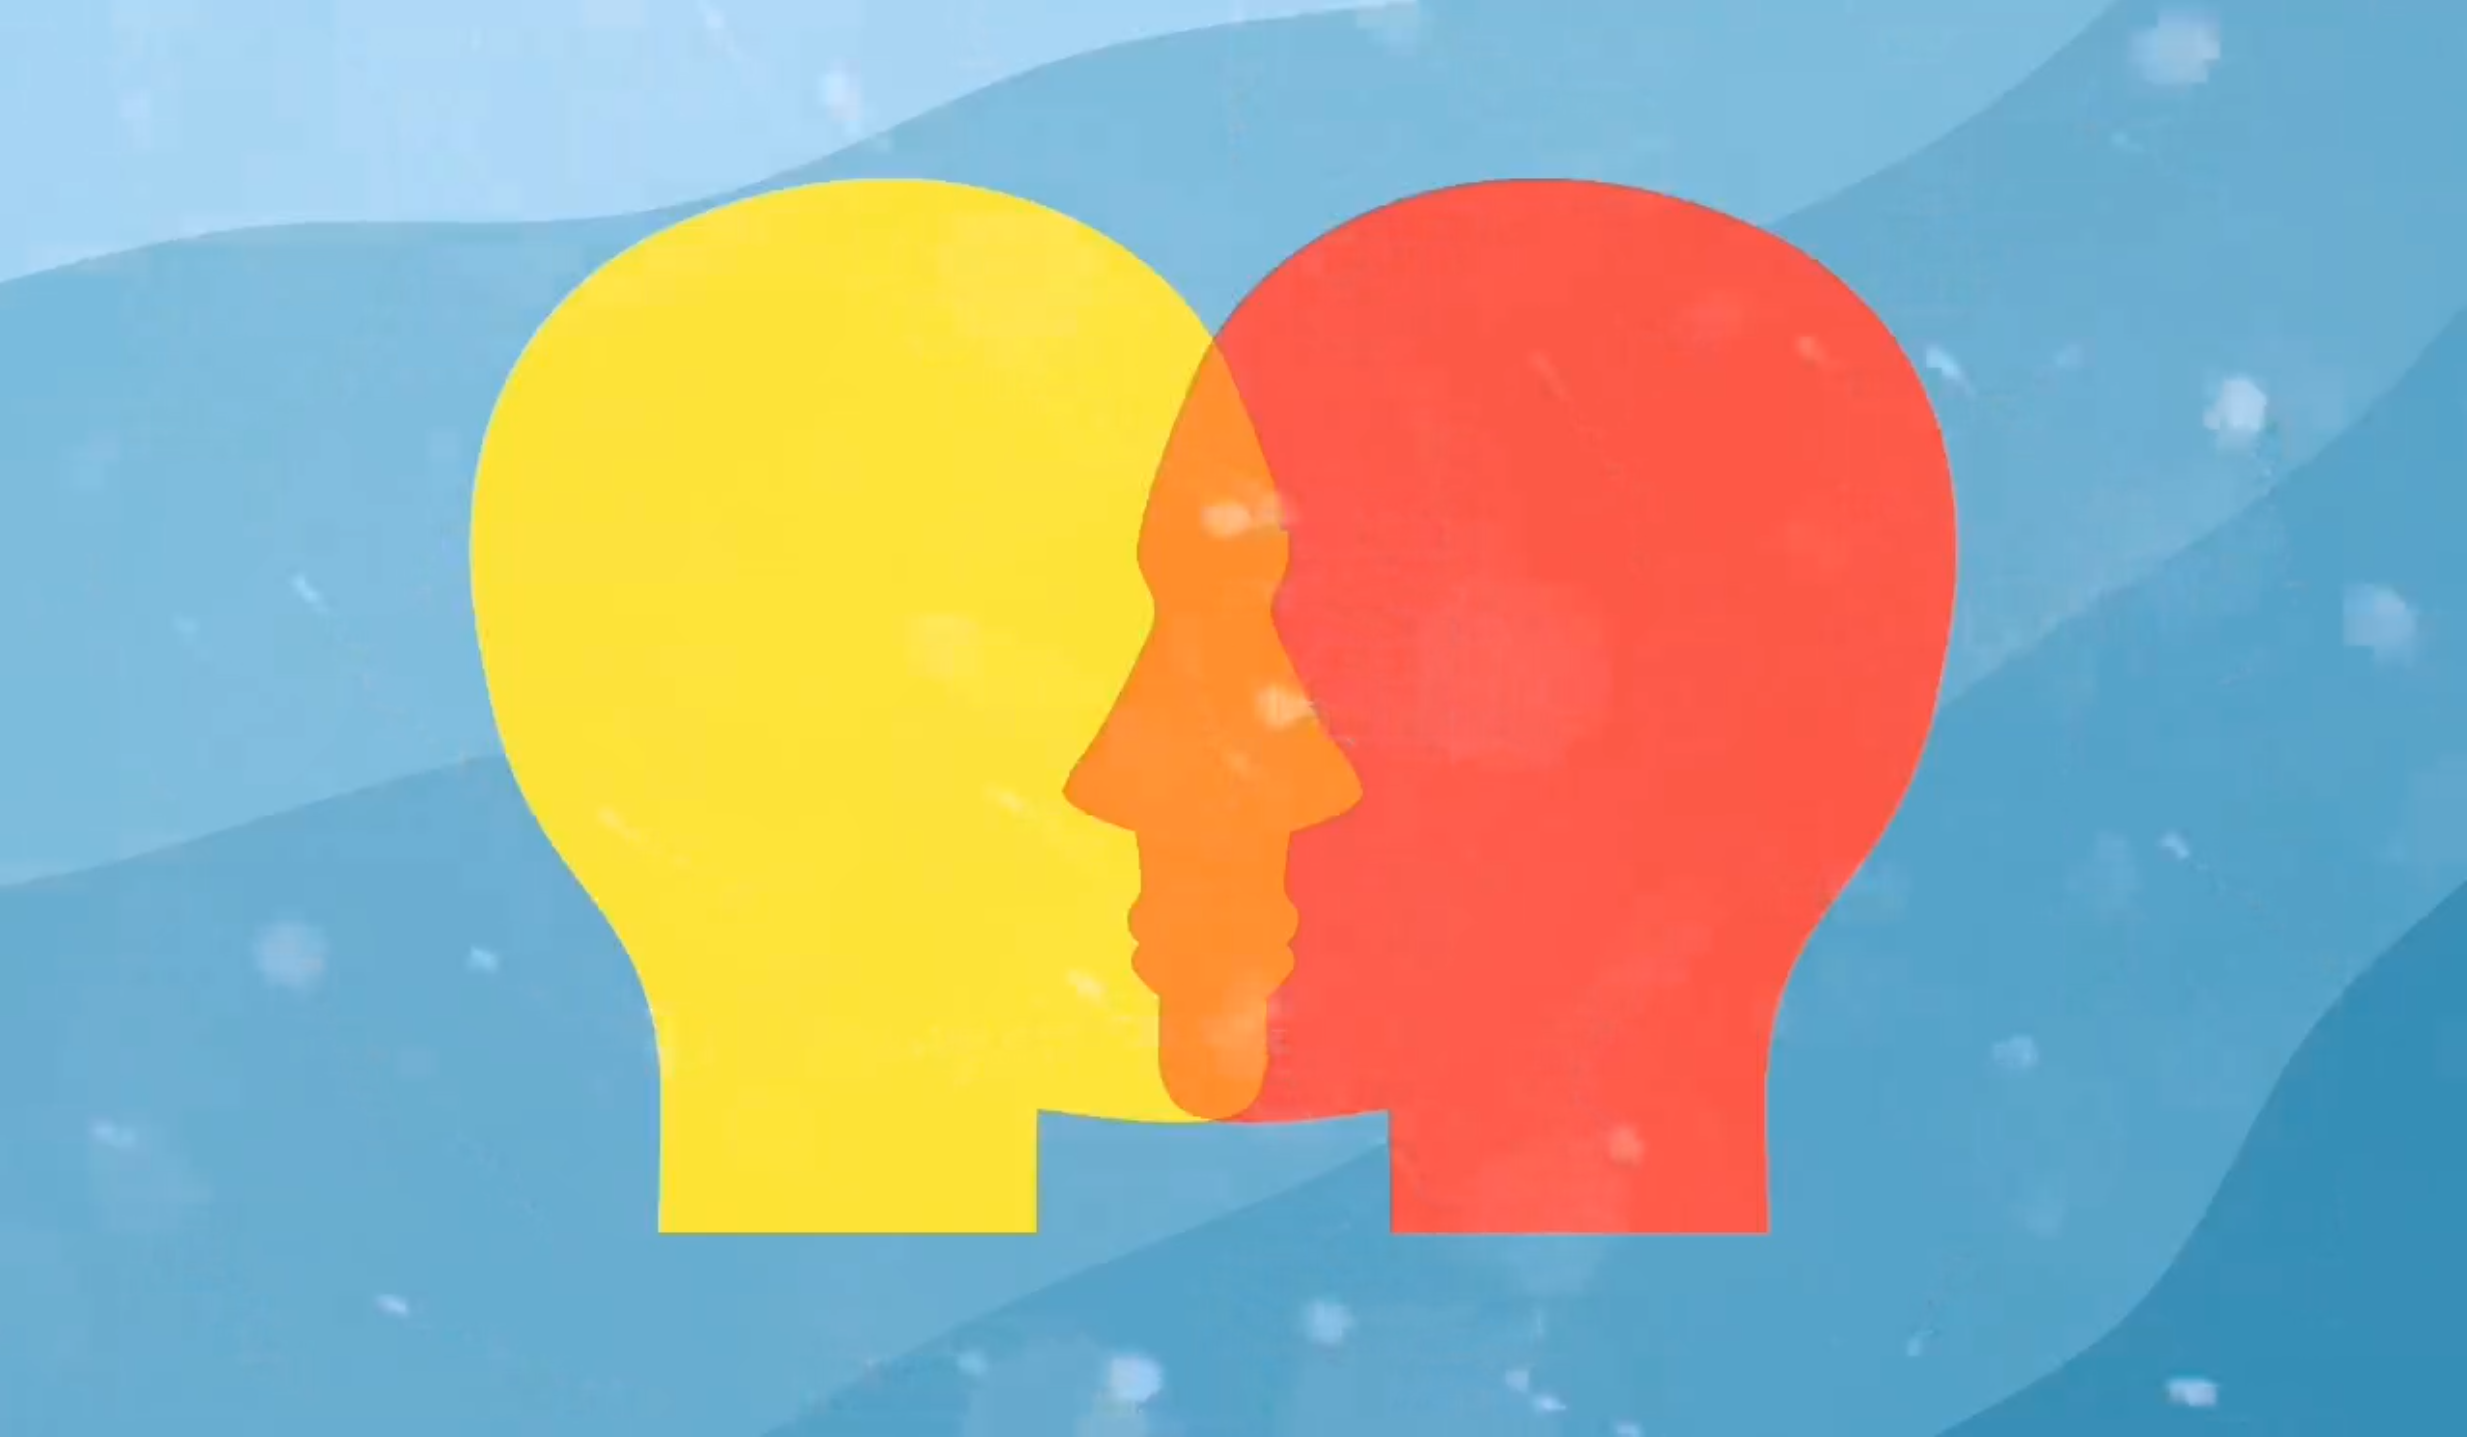 Trabajos del futuro: enseñar empatía a la inteligencia artificial